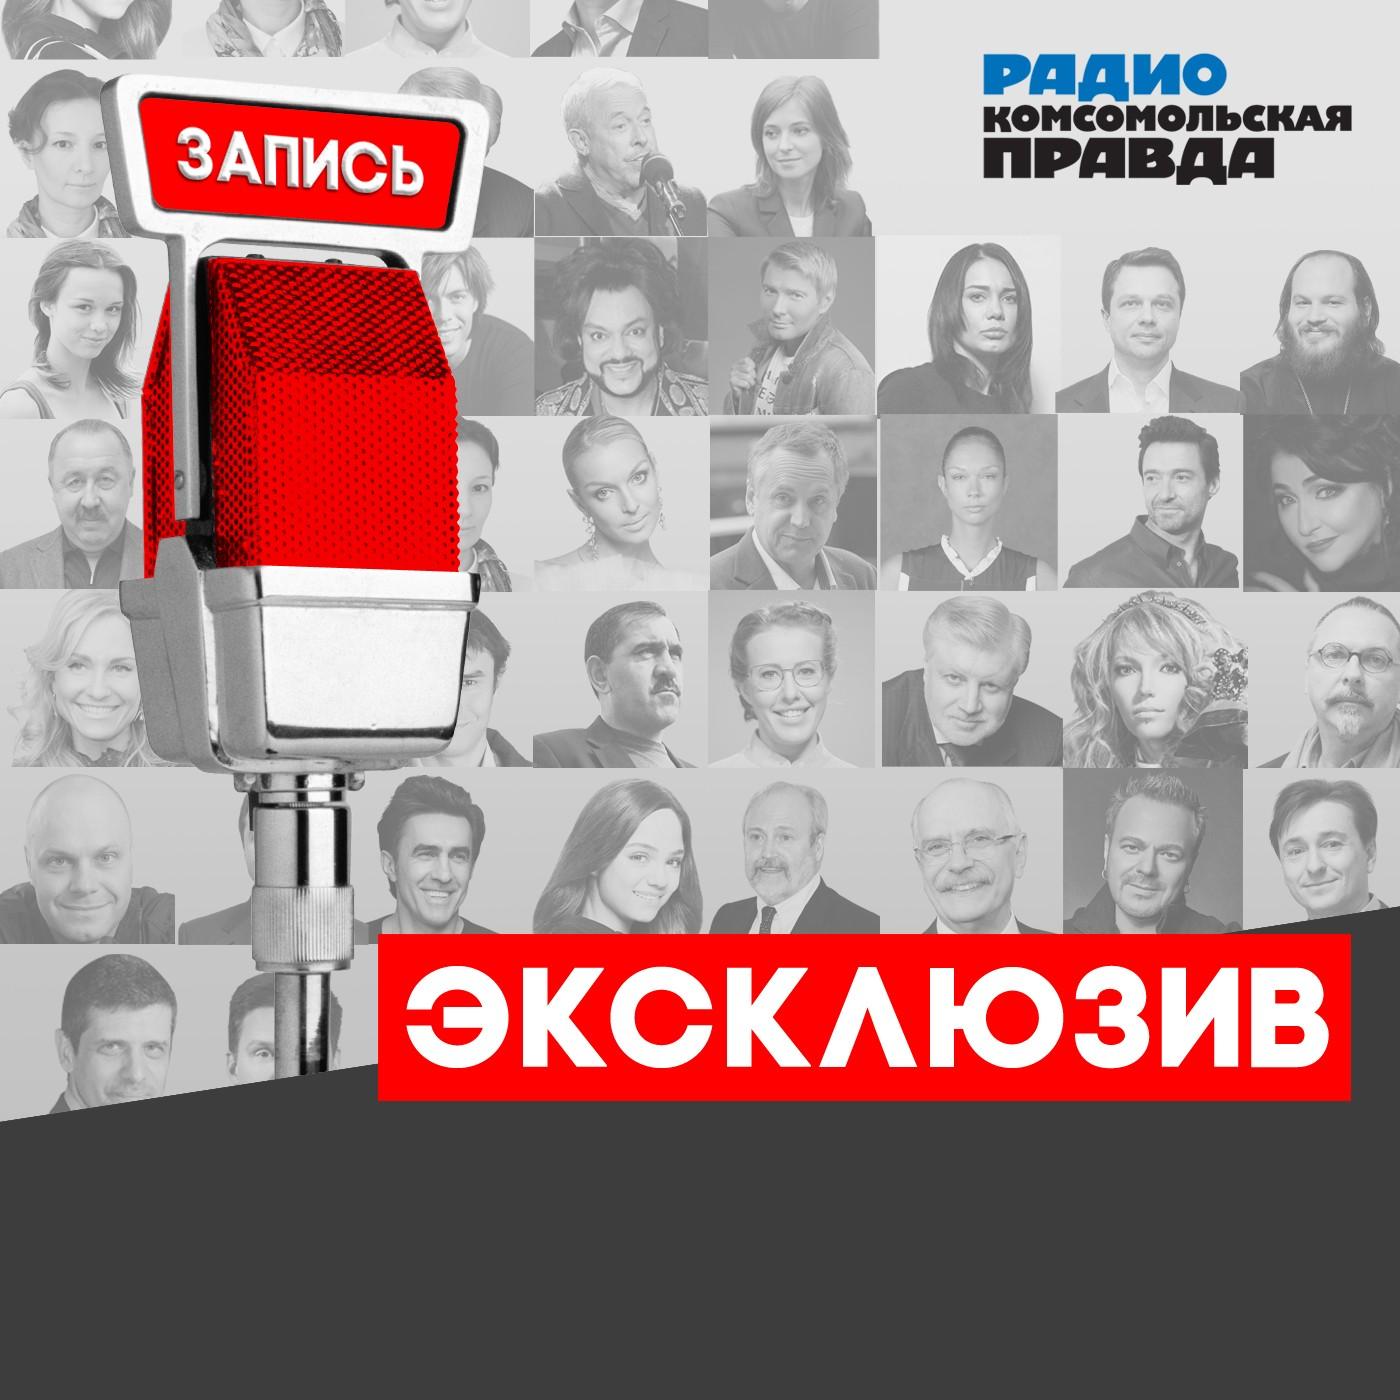 Сергей Безруков: Чехов не представлял, к какому разврату приведут большевики